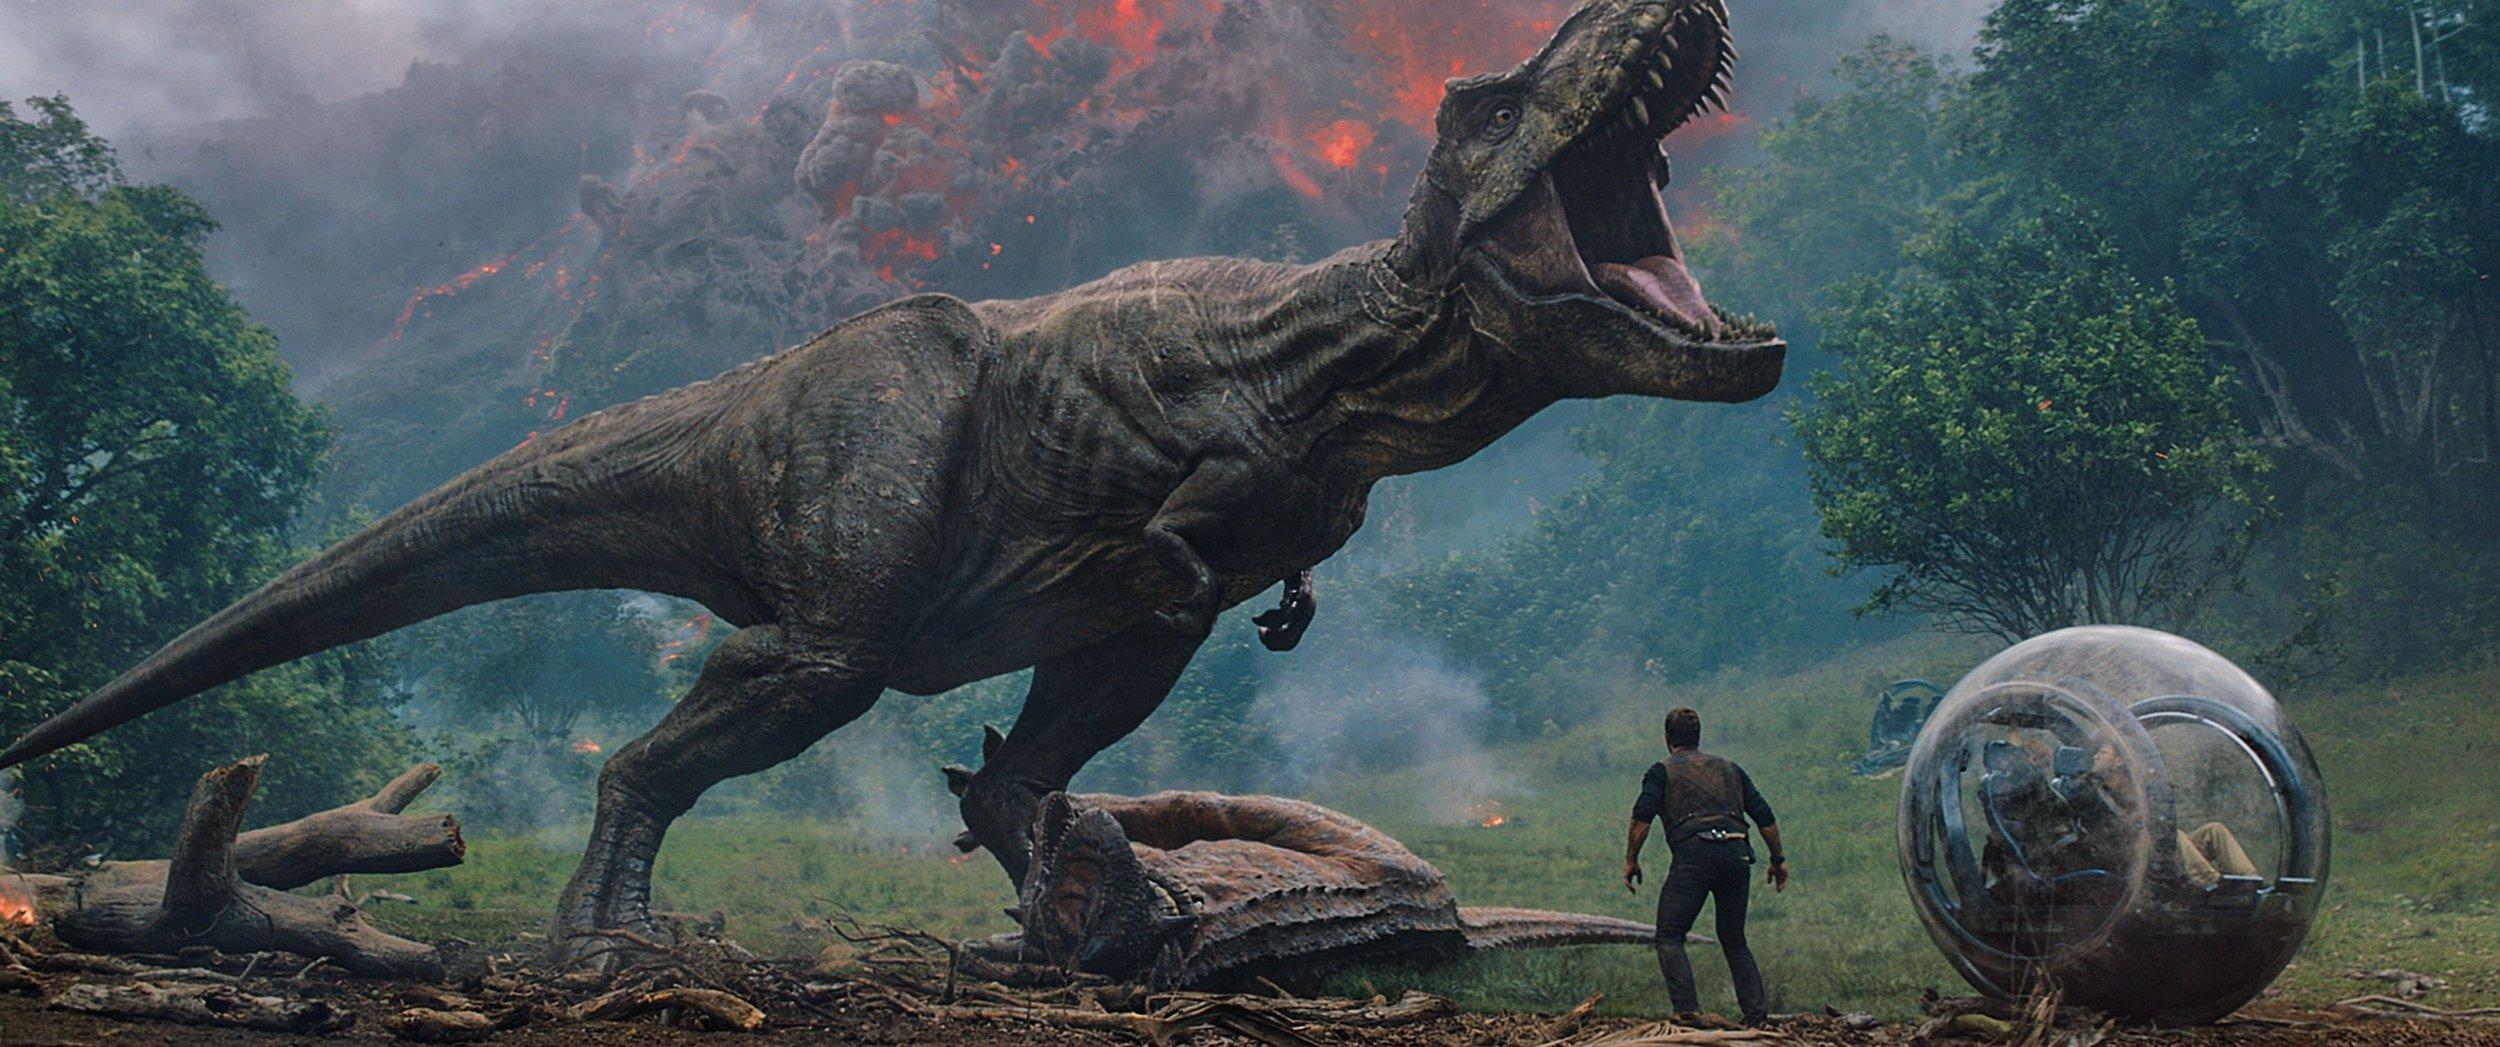 Jurassic World: Fallen Kingdom earns $39 million in South Korea